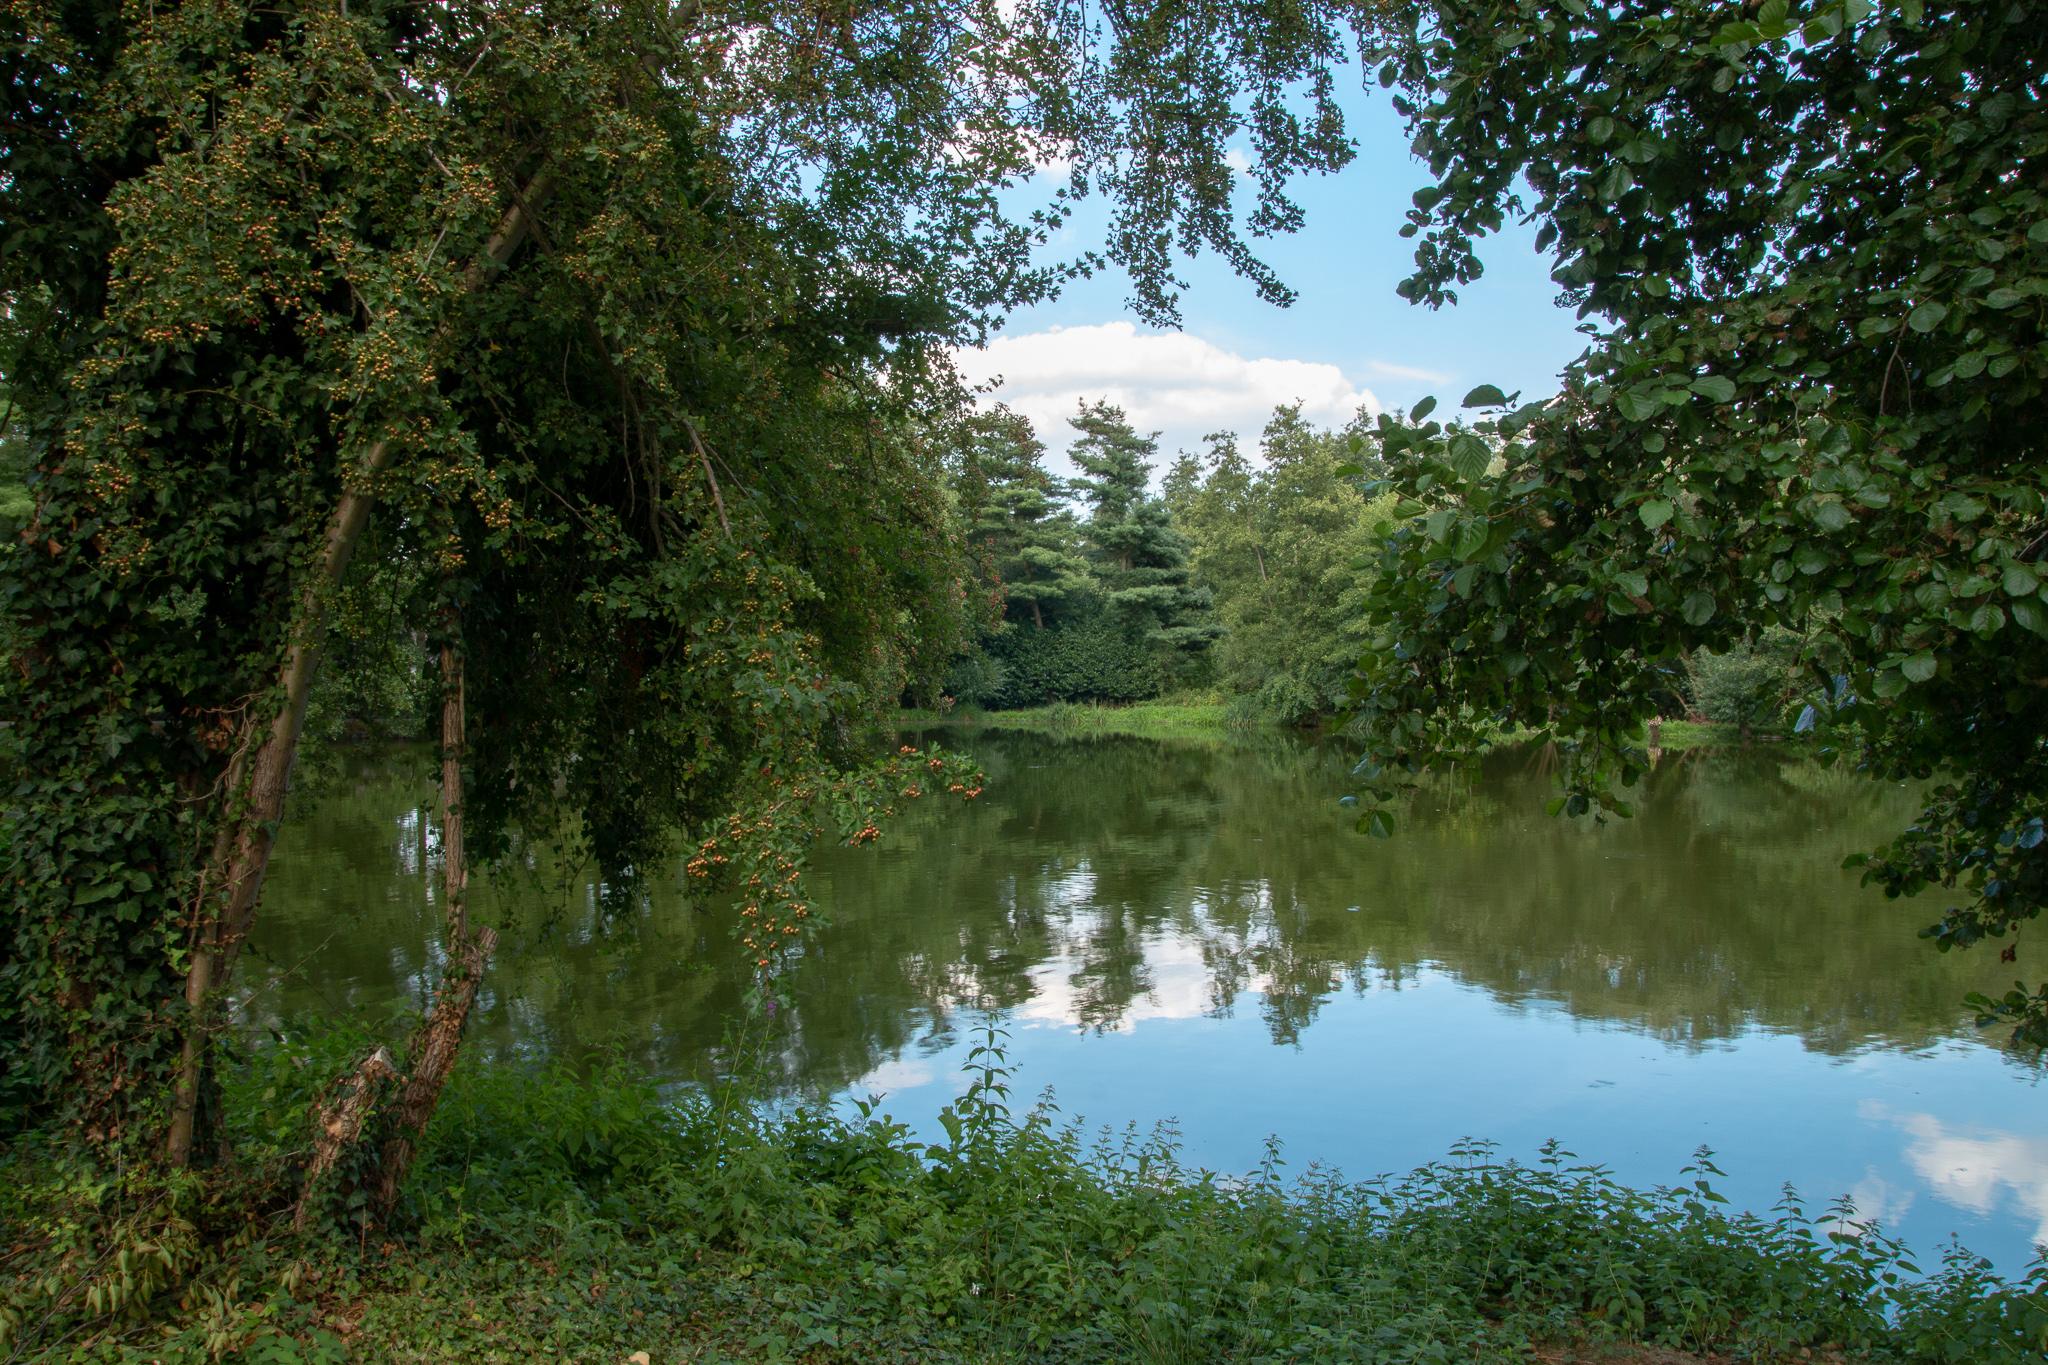 Hariksee, Mühlenrather Mühle, Germany